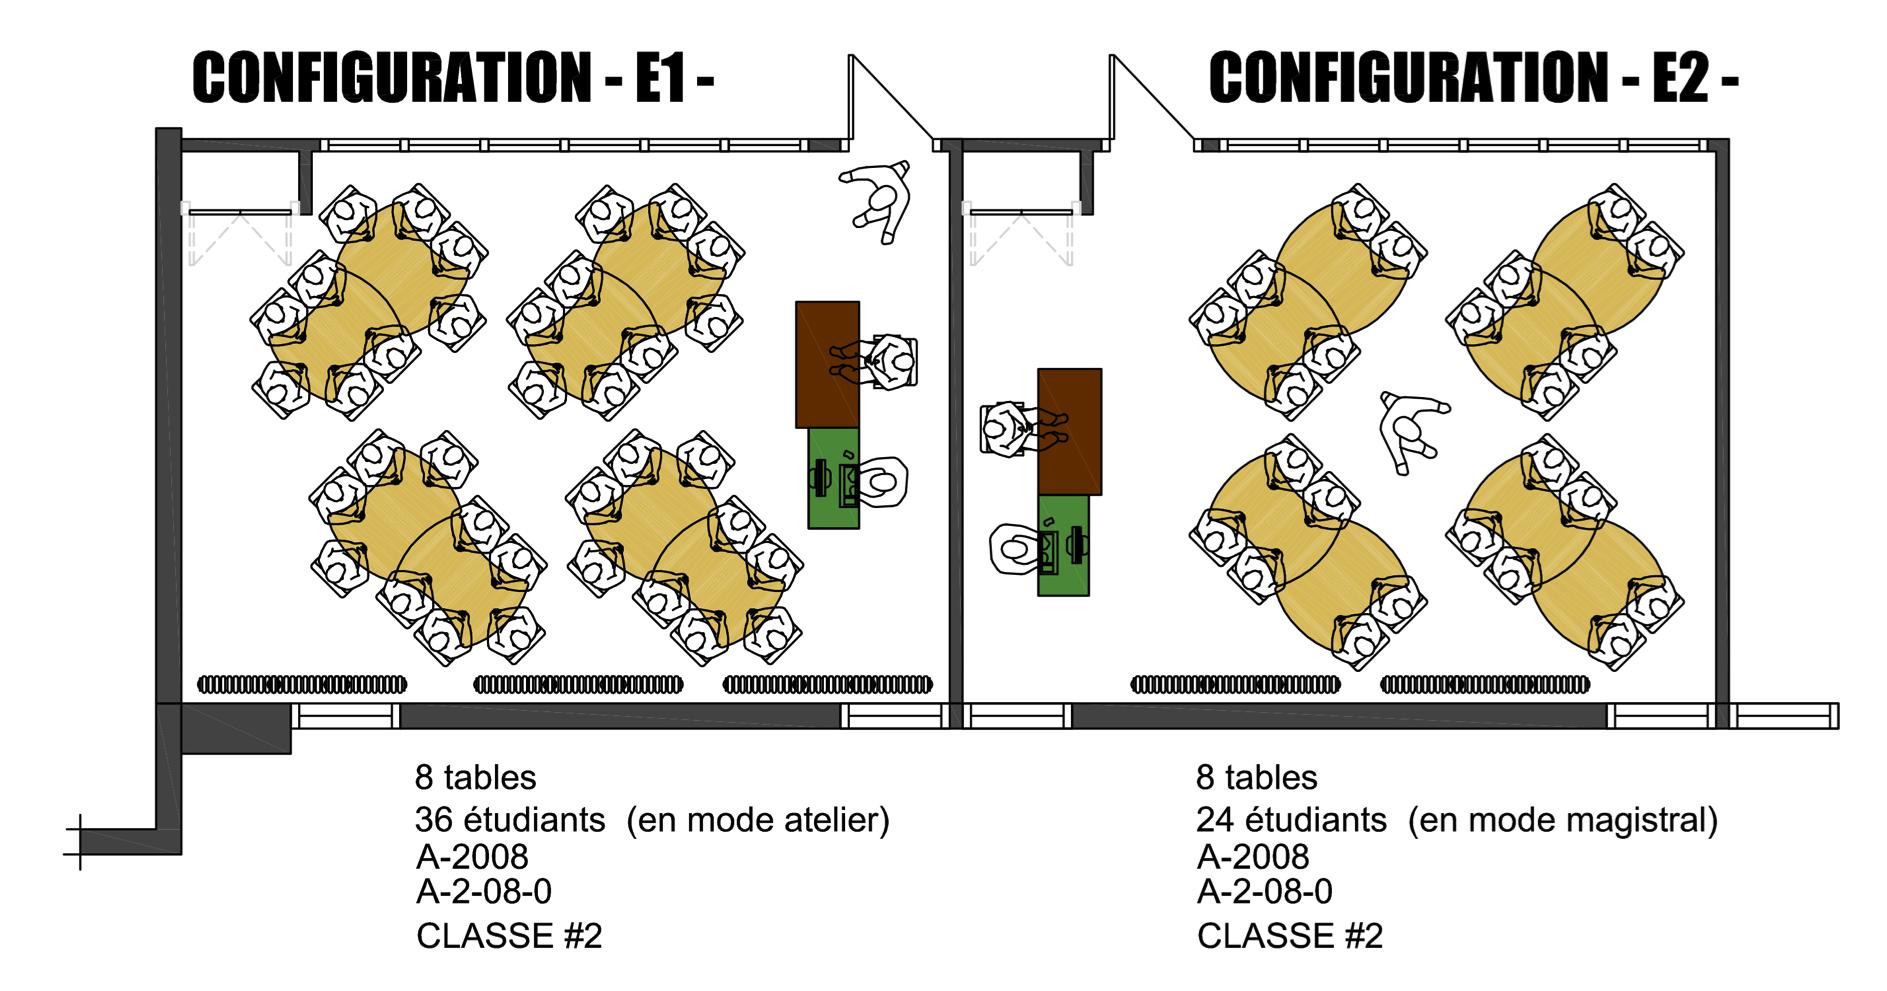 Exemples de configuration des nouveaux bureaux